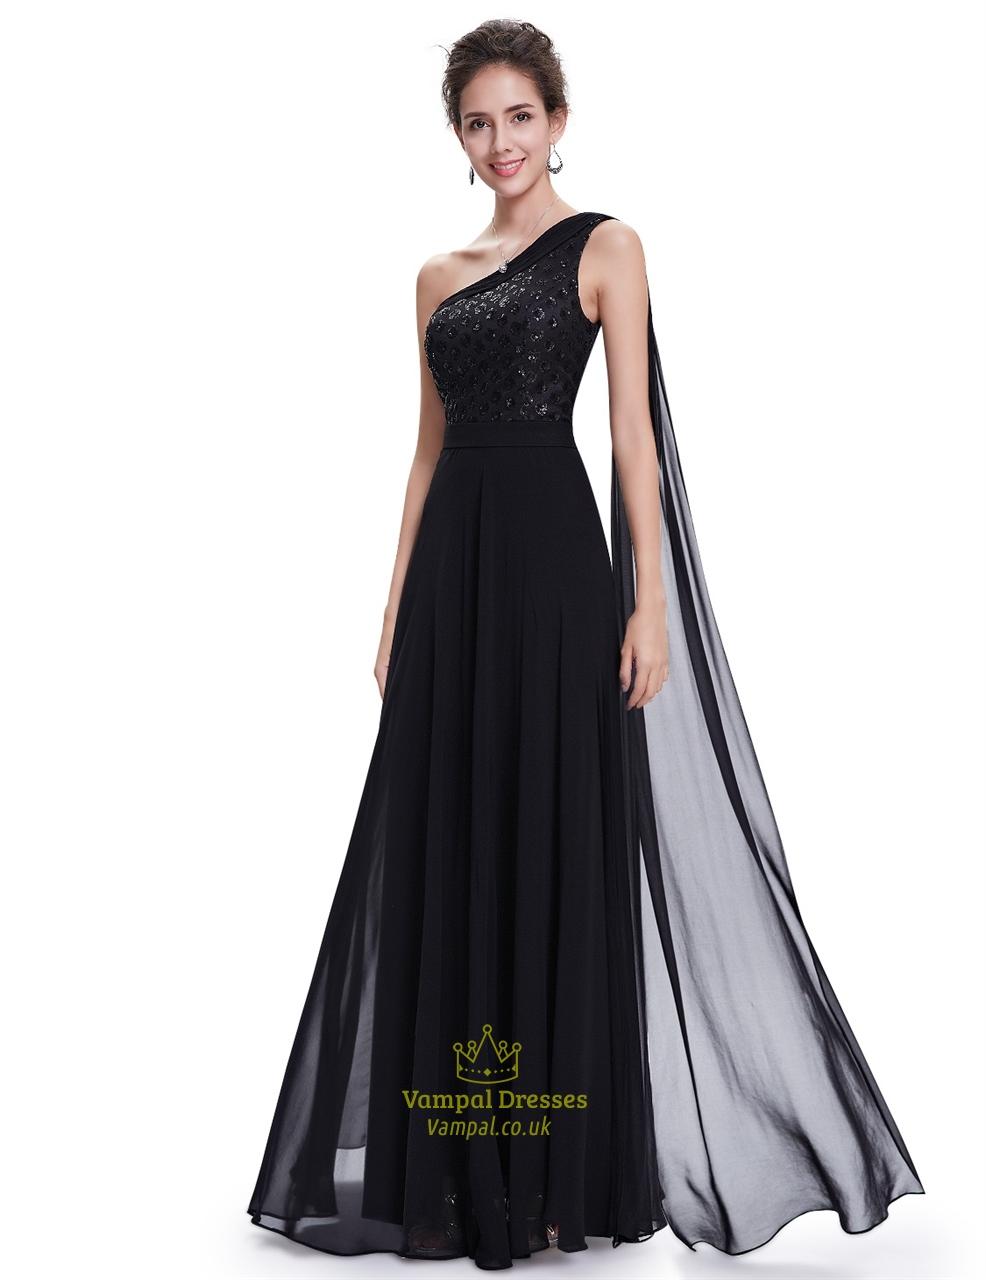 Black Chiffon Embellished One Shoulder Prom Dress With ...One Shoulder Black Prom Dresses